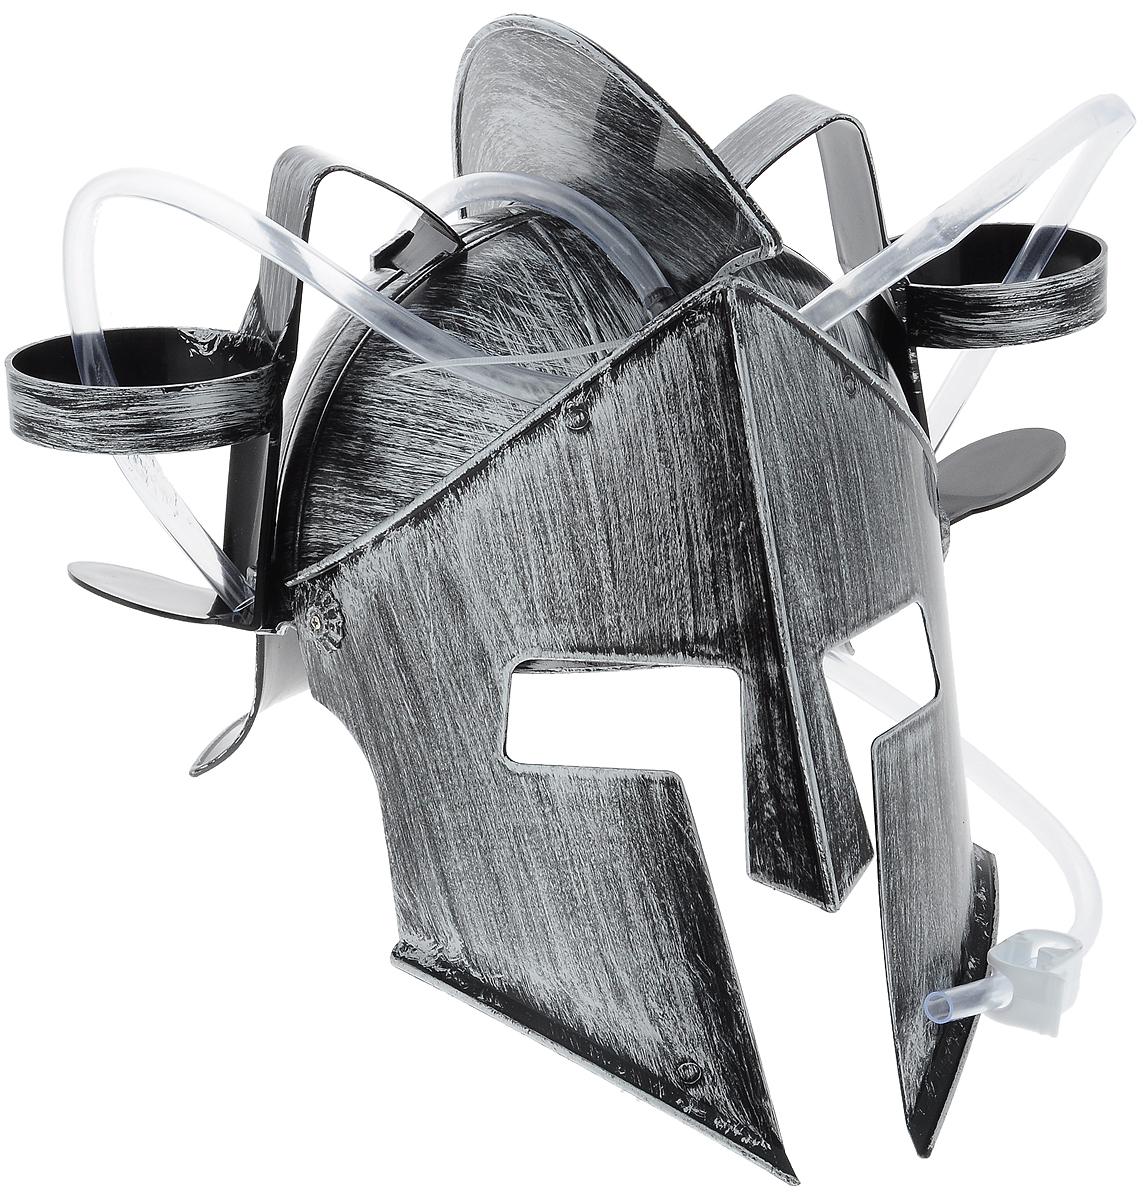 Каска Эврика Рыцарь, с подставками под банки96166Мужчина, умеющий оставаться настоящим рыцарем, даже выпивая, определенно заслуживает женского внимания! Чтобы совместить приятное с полезным, был придуман специальный шлем Эврика Рыцарь. Каска выполнена из пластика и оснащена двумя держателями для банок/бутылок и двумя соединительными трубочками, благодаря которым можно смешивать два различных напитка в виде коктейля. Такая каска станет отличным решением для карнавала, дружеской вечеринки или в качестве амуниции болельщика на стадионе Загрузи голову и освободи руки! Рекомендуется использовать для употребления полезных напитков. Диаметр подставки для банки: 7 см.